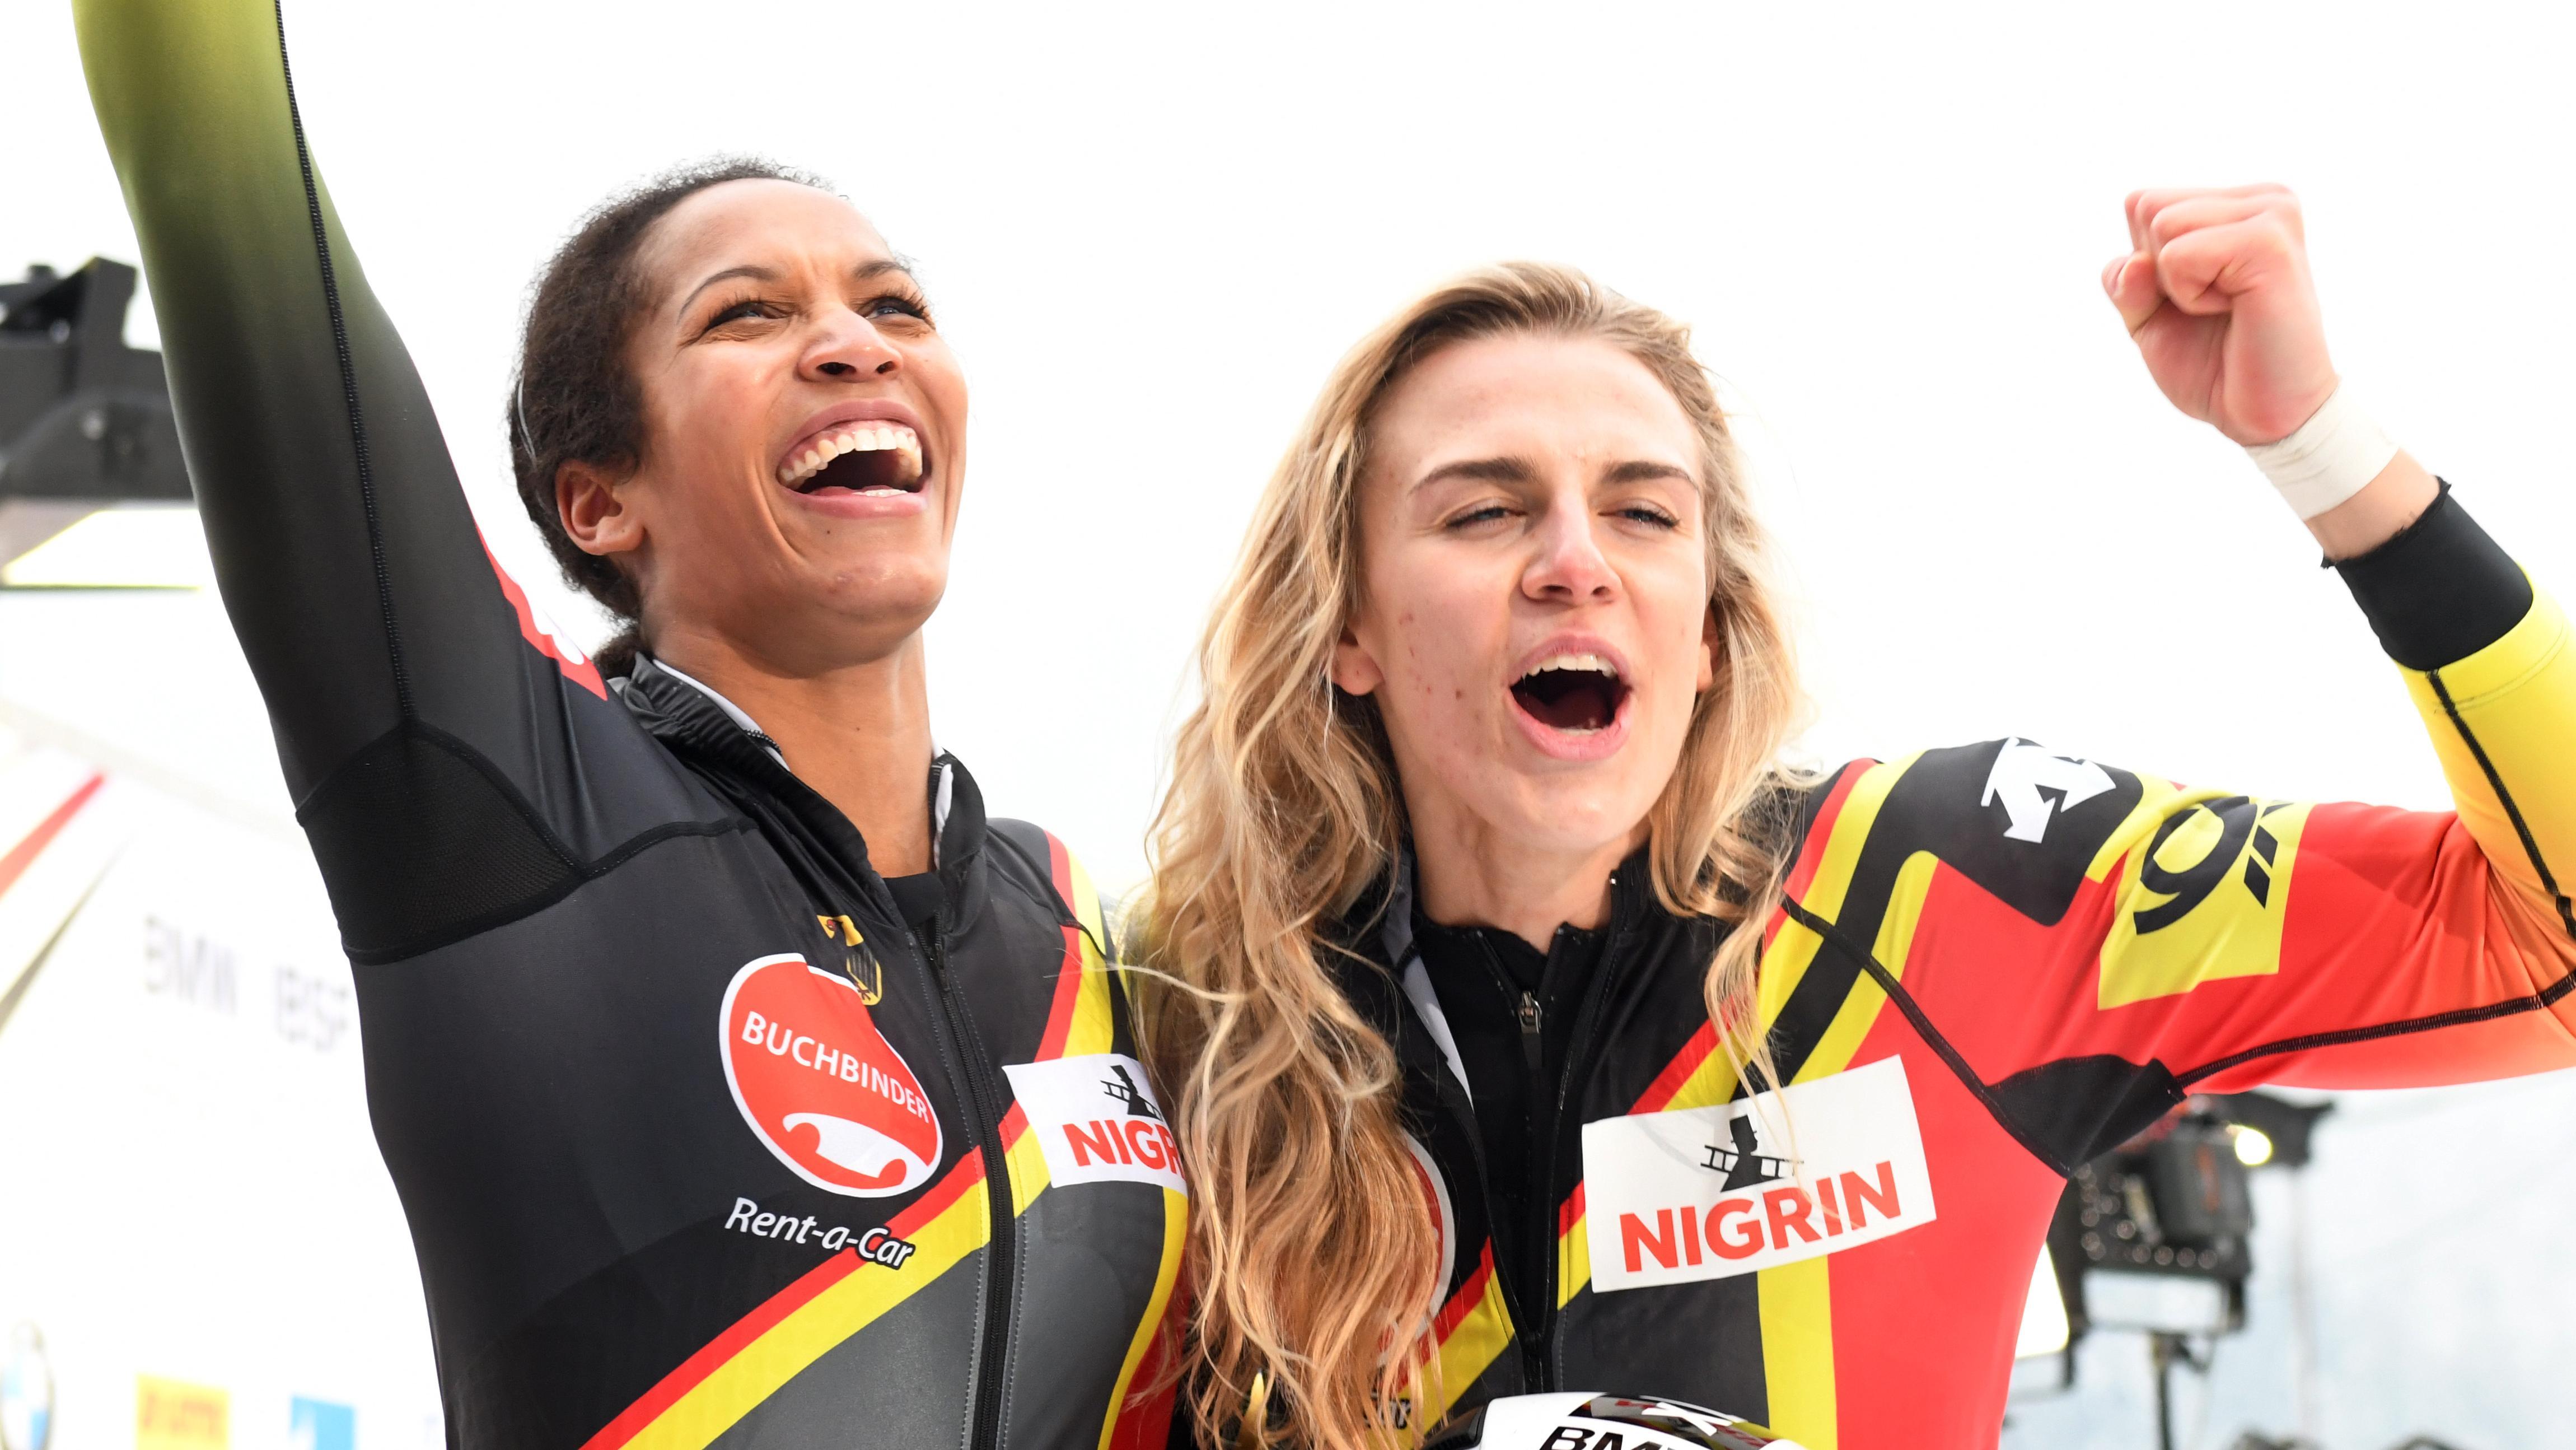 Bobfahrerin Mariama Jamanka (links) und Anschieberin Annika Drazek nach dem Gewinn des EM-Titels